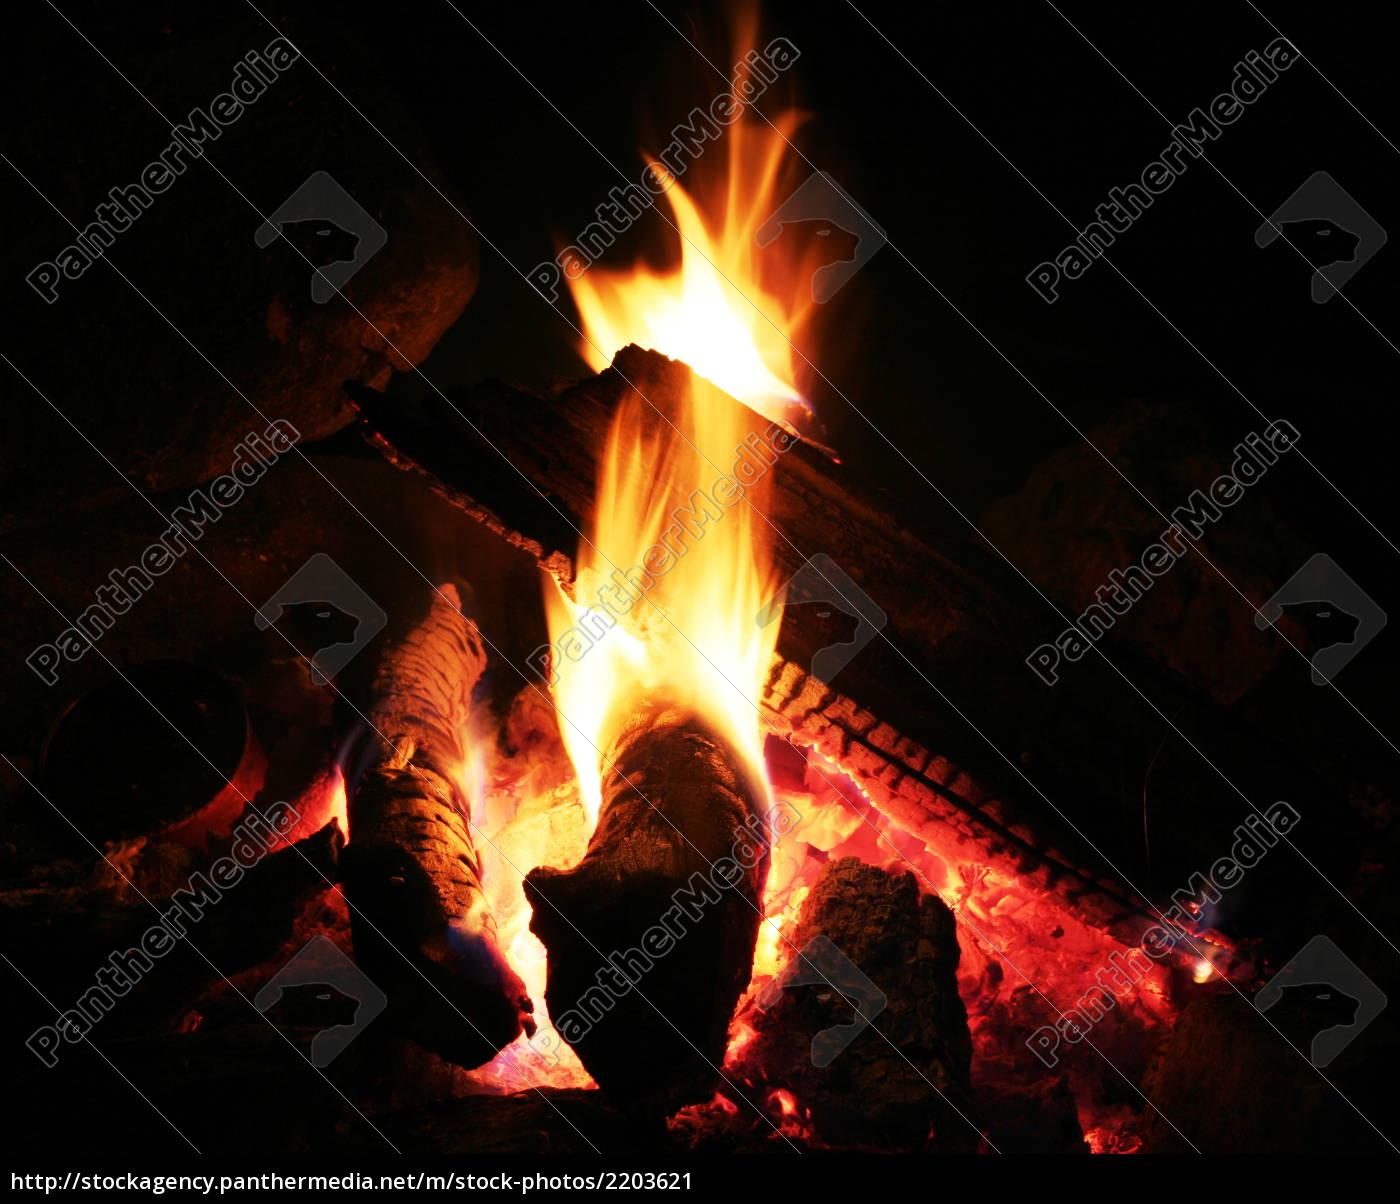 fire - 2203621